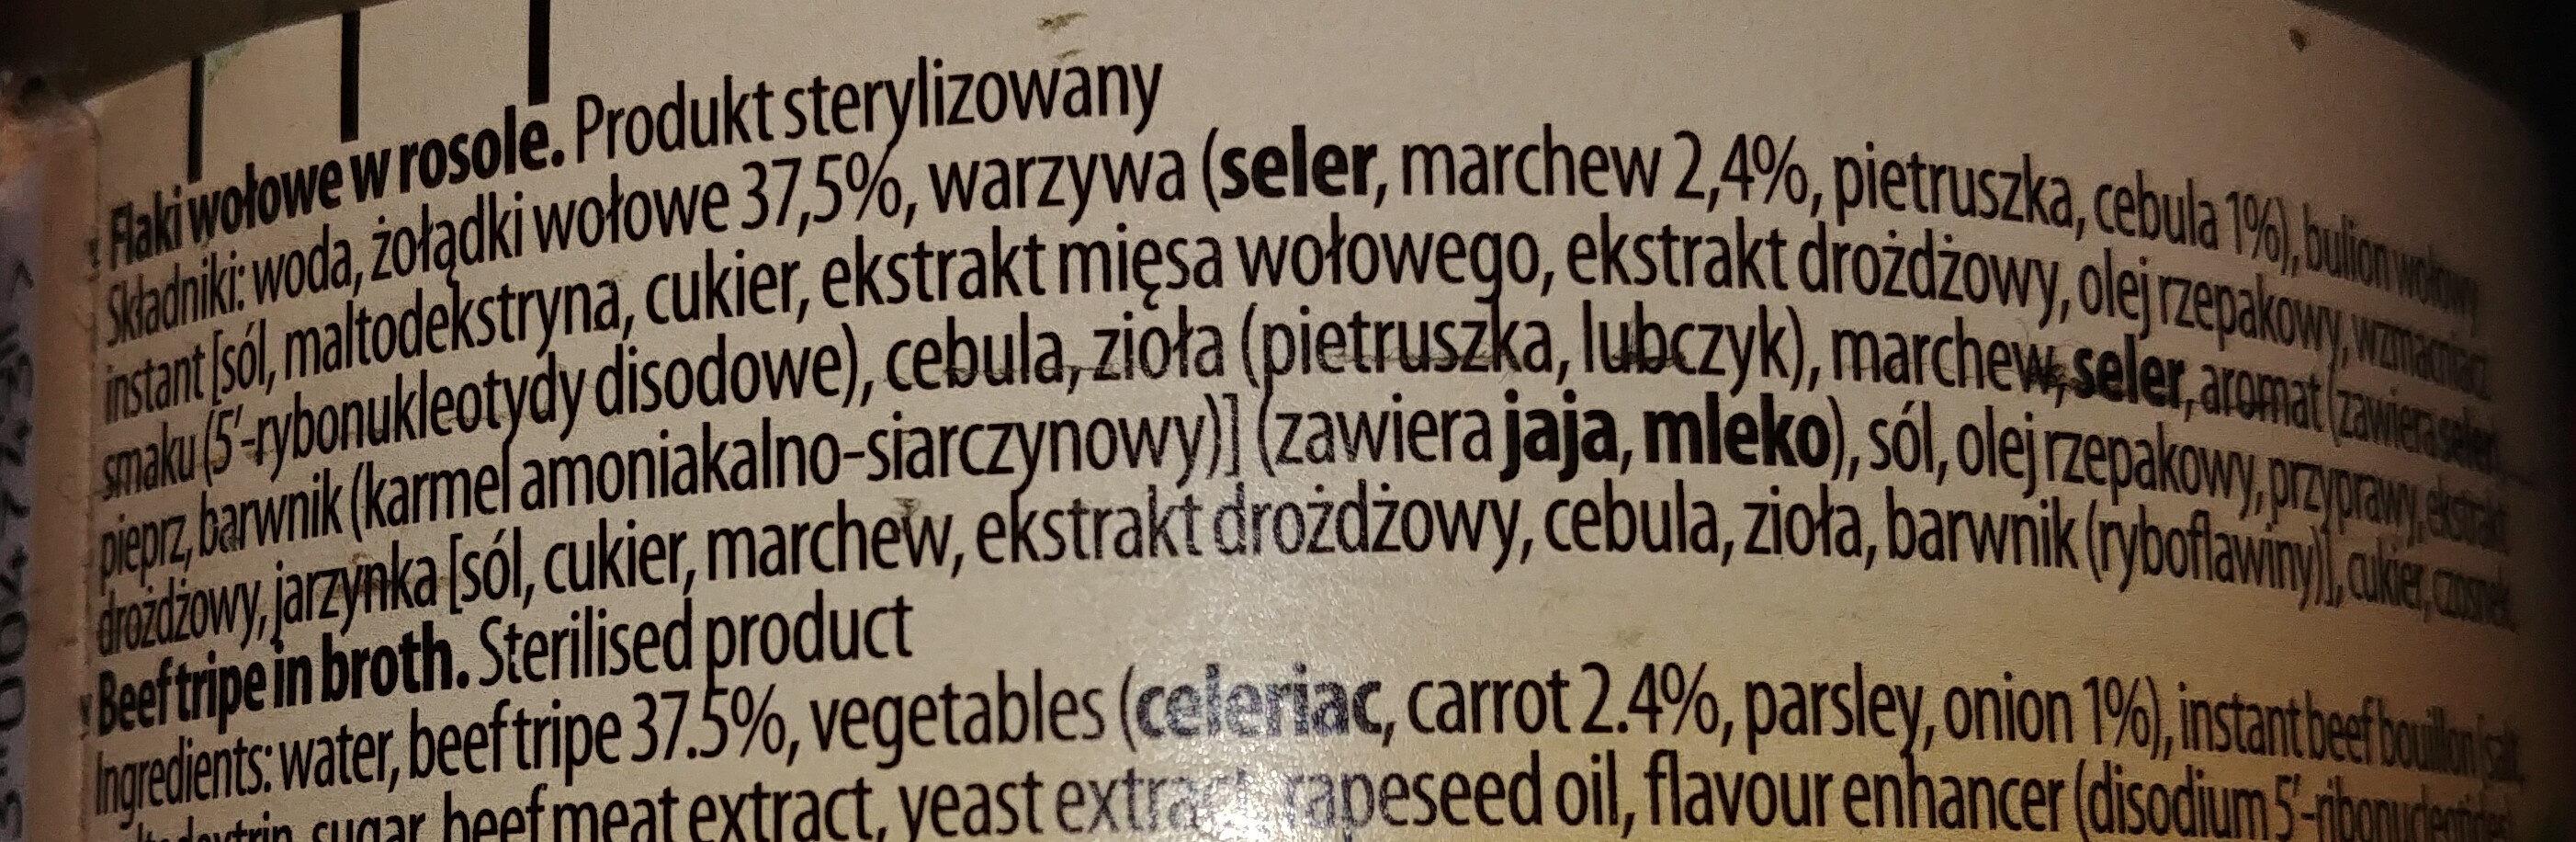 Flaki wołowe w rosole - Składniki - pl